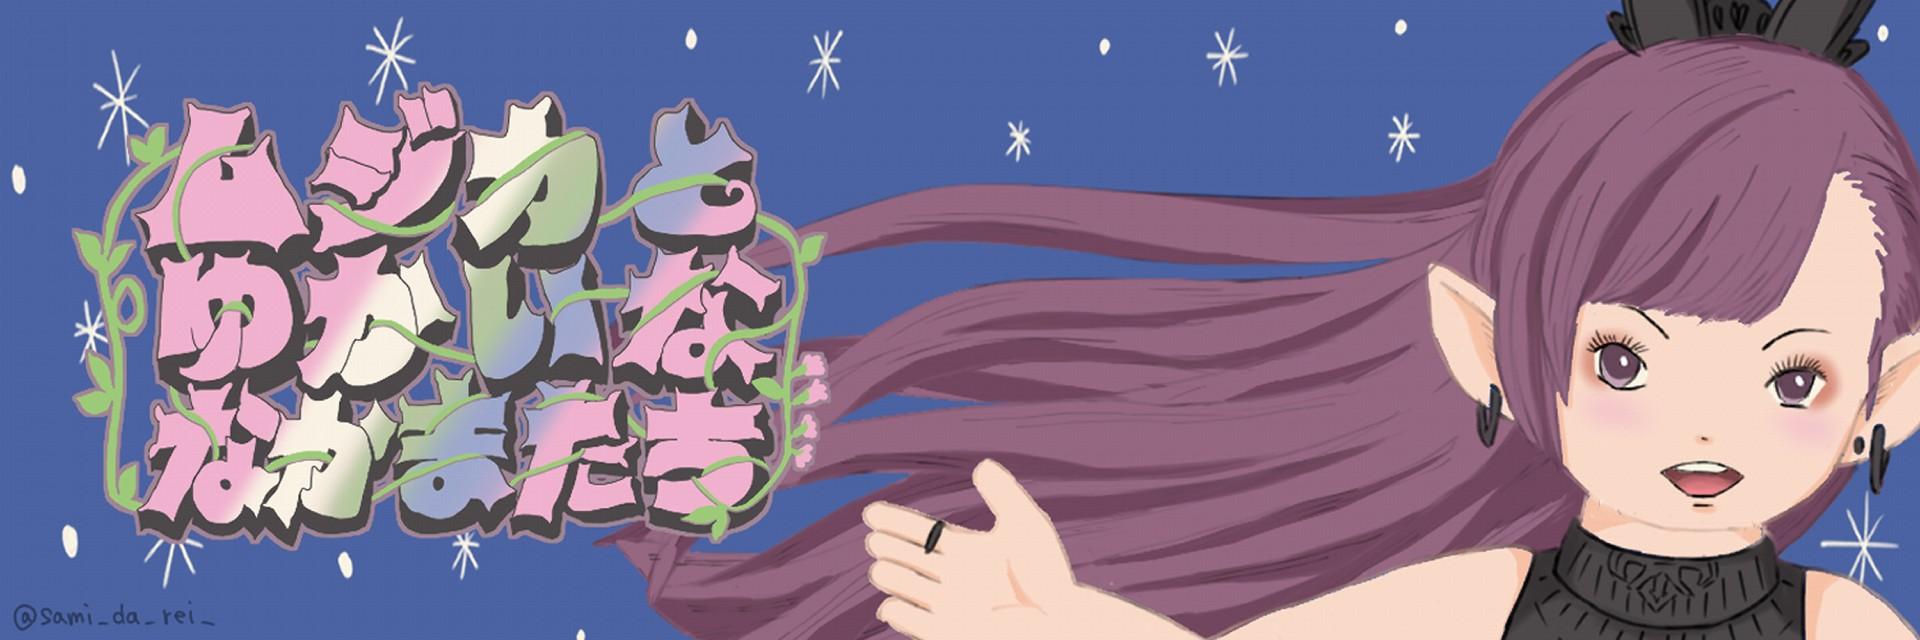 f:id:ryoushitsu-musica:20211001215347j:image